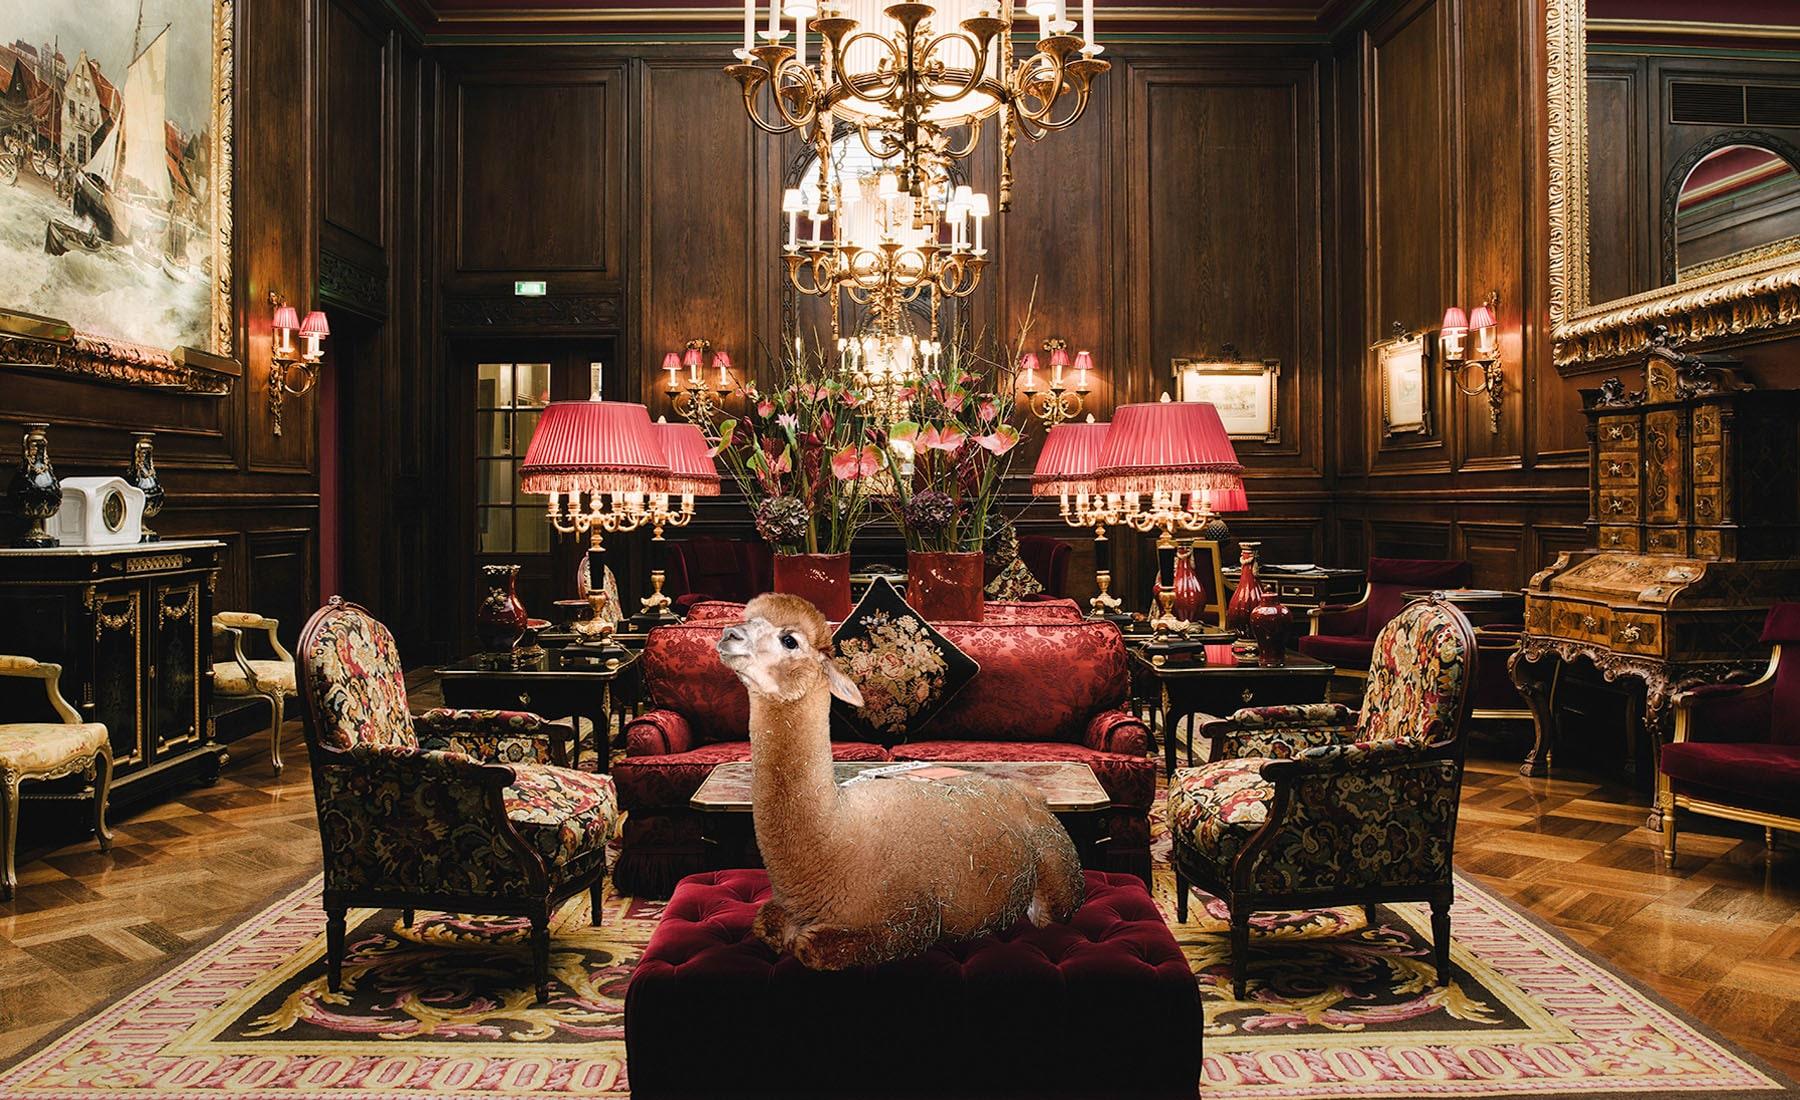 Daniel-Gebhardt-de-Koekkoek-Alpaca-Calendar-Living-Room